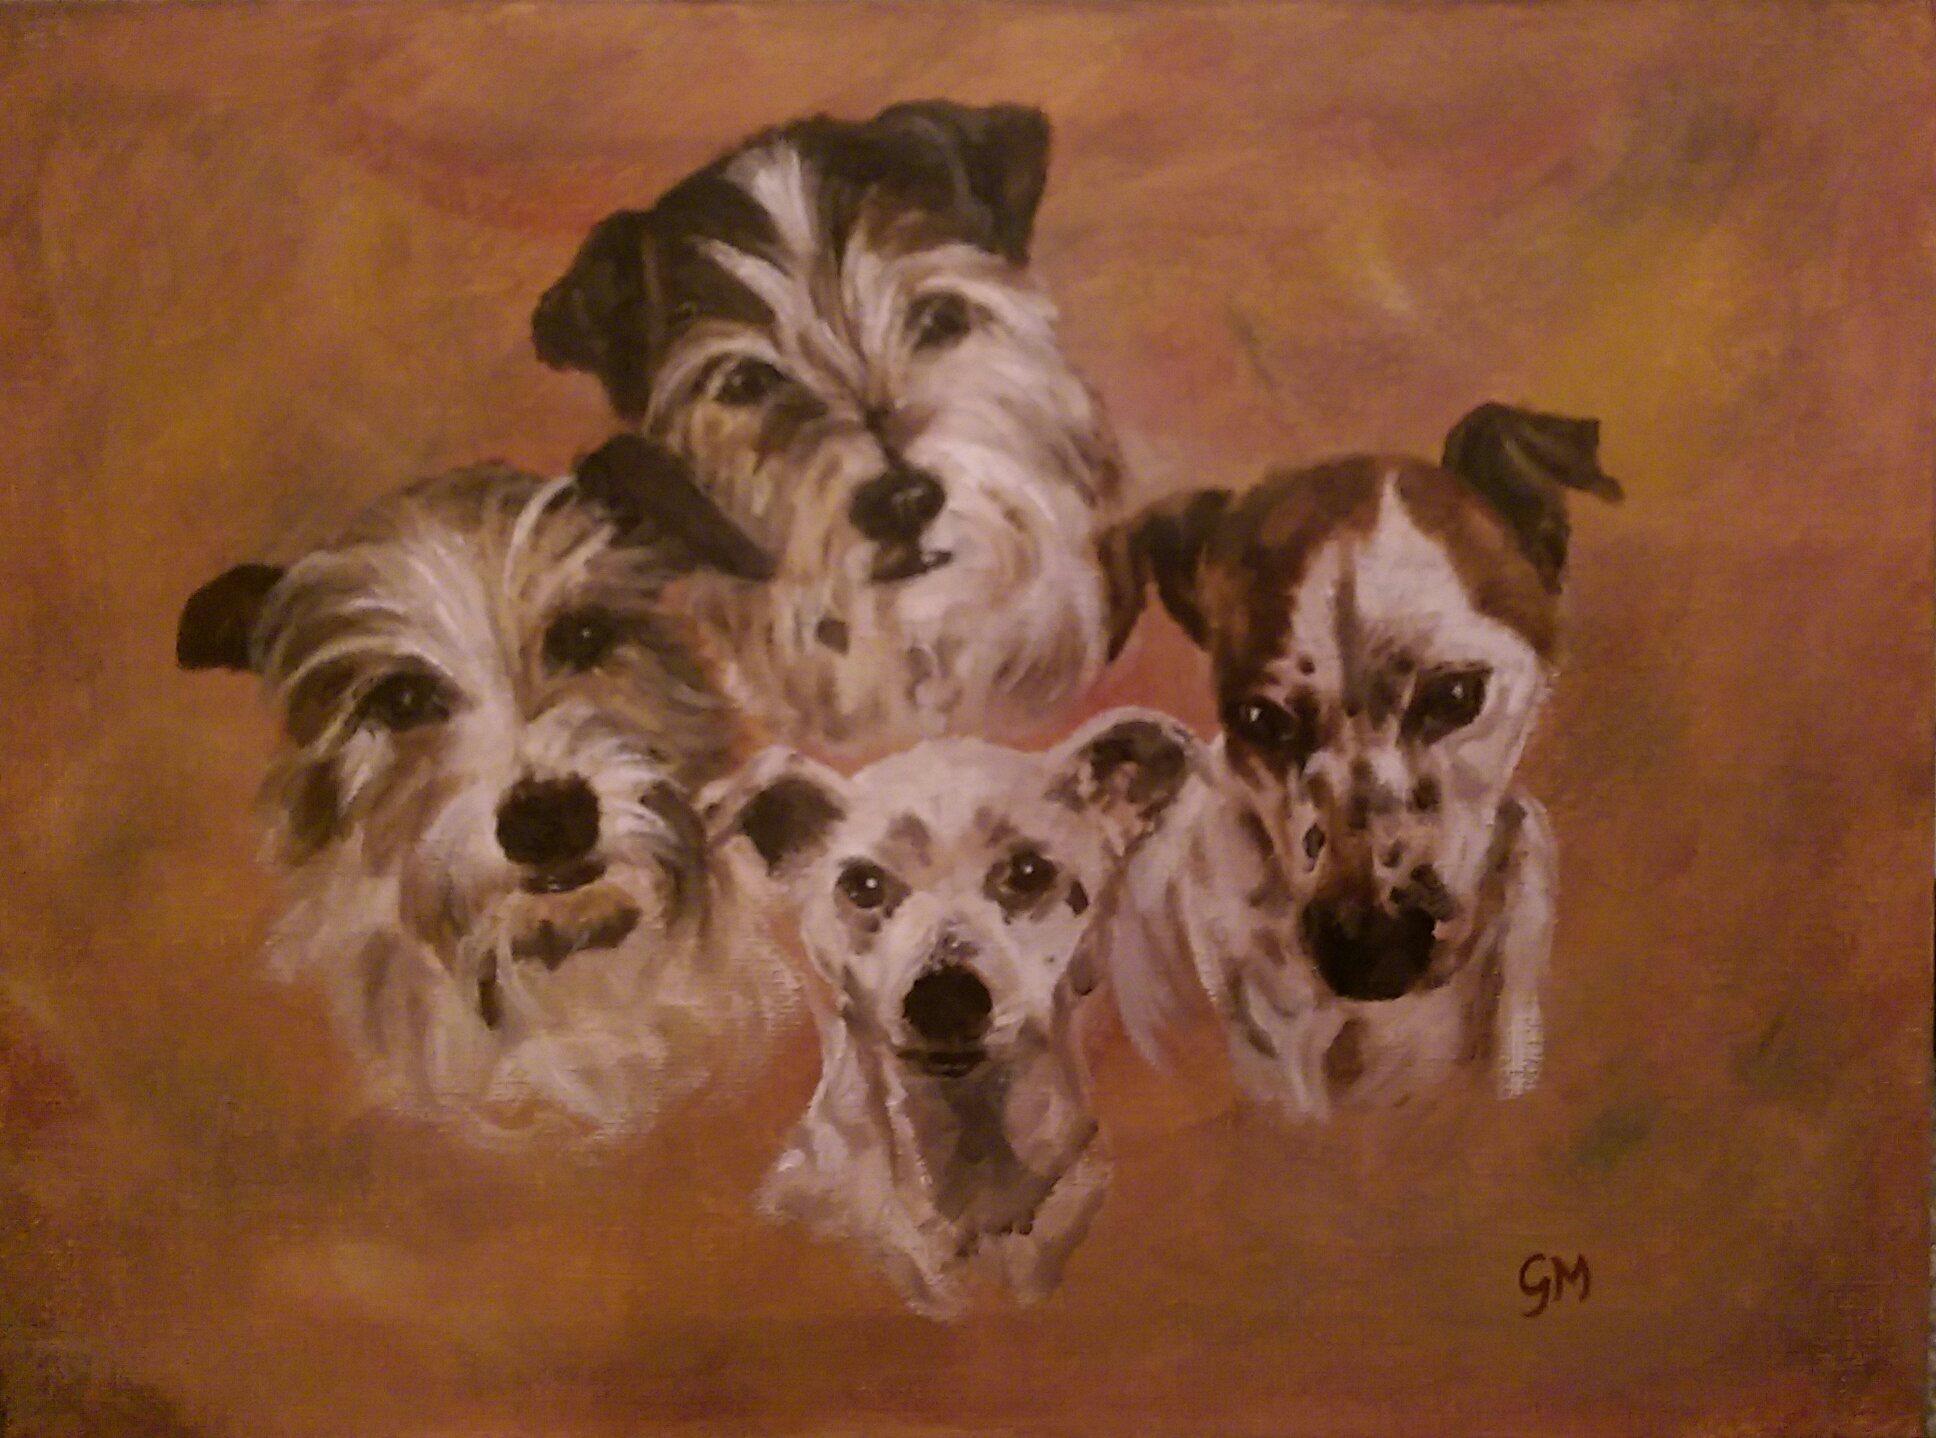 Art, Portrait, Dogs, Pets, Oils, Dorset, Georgie McBurney